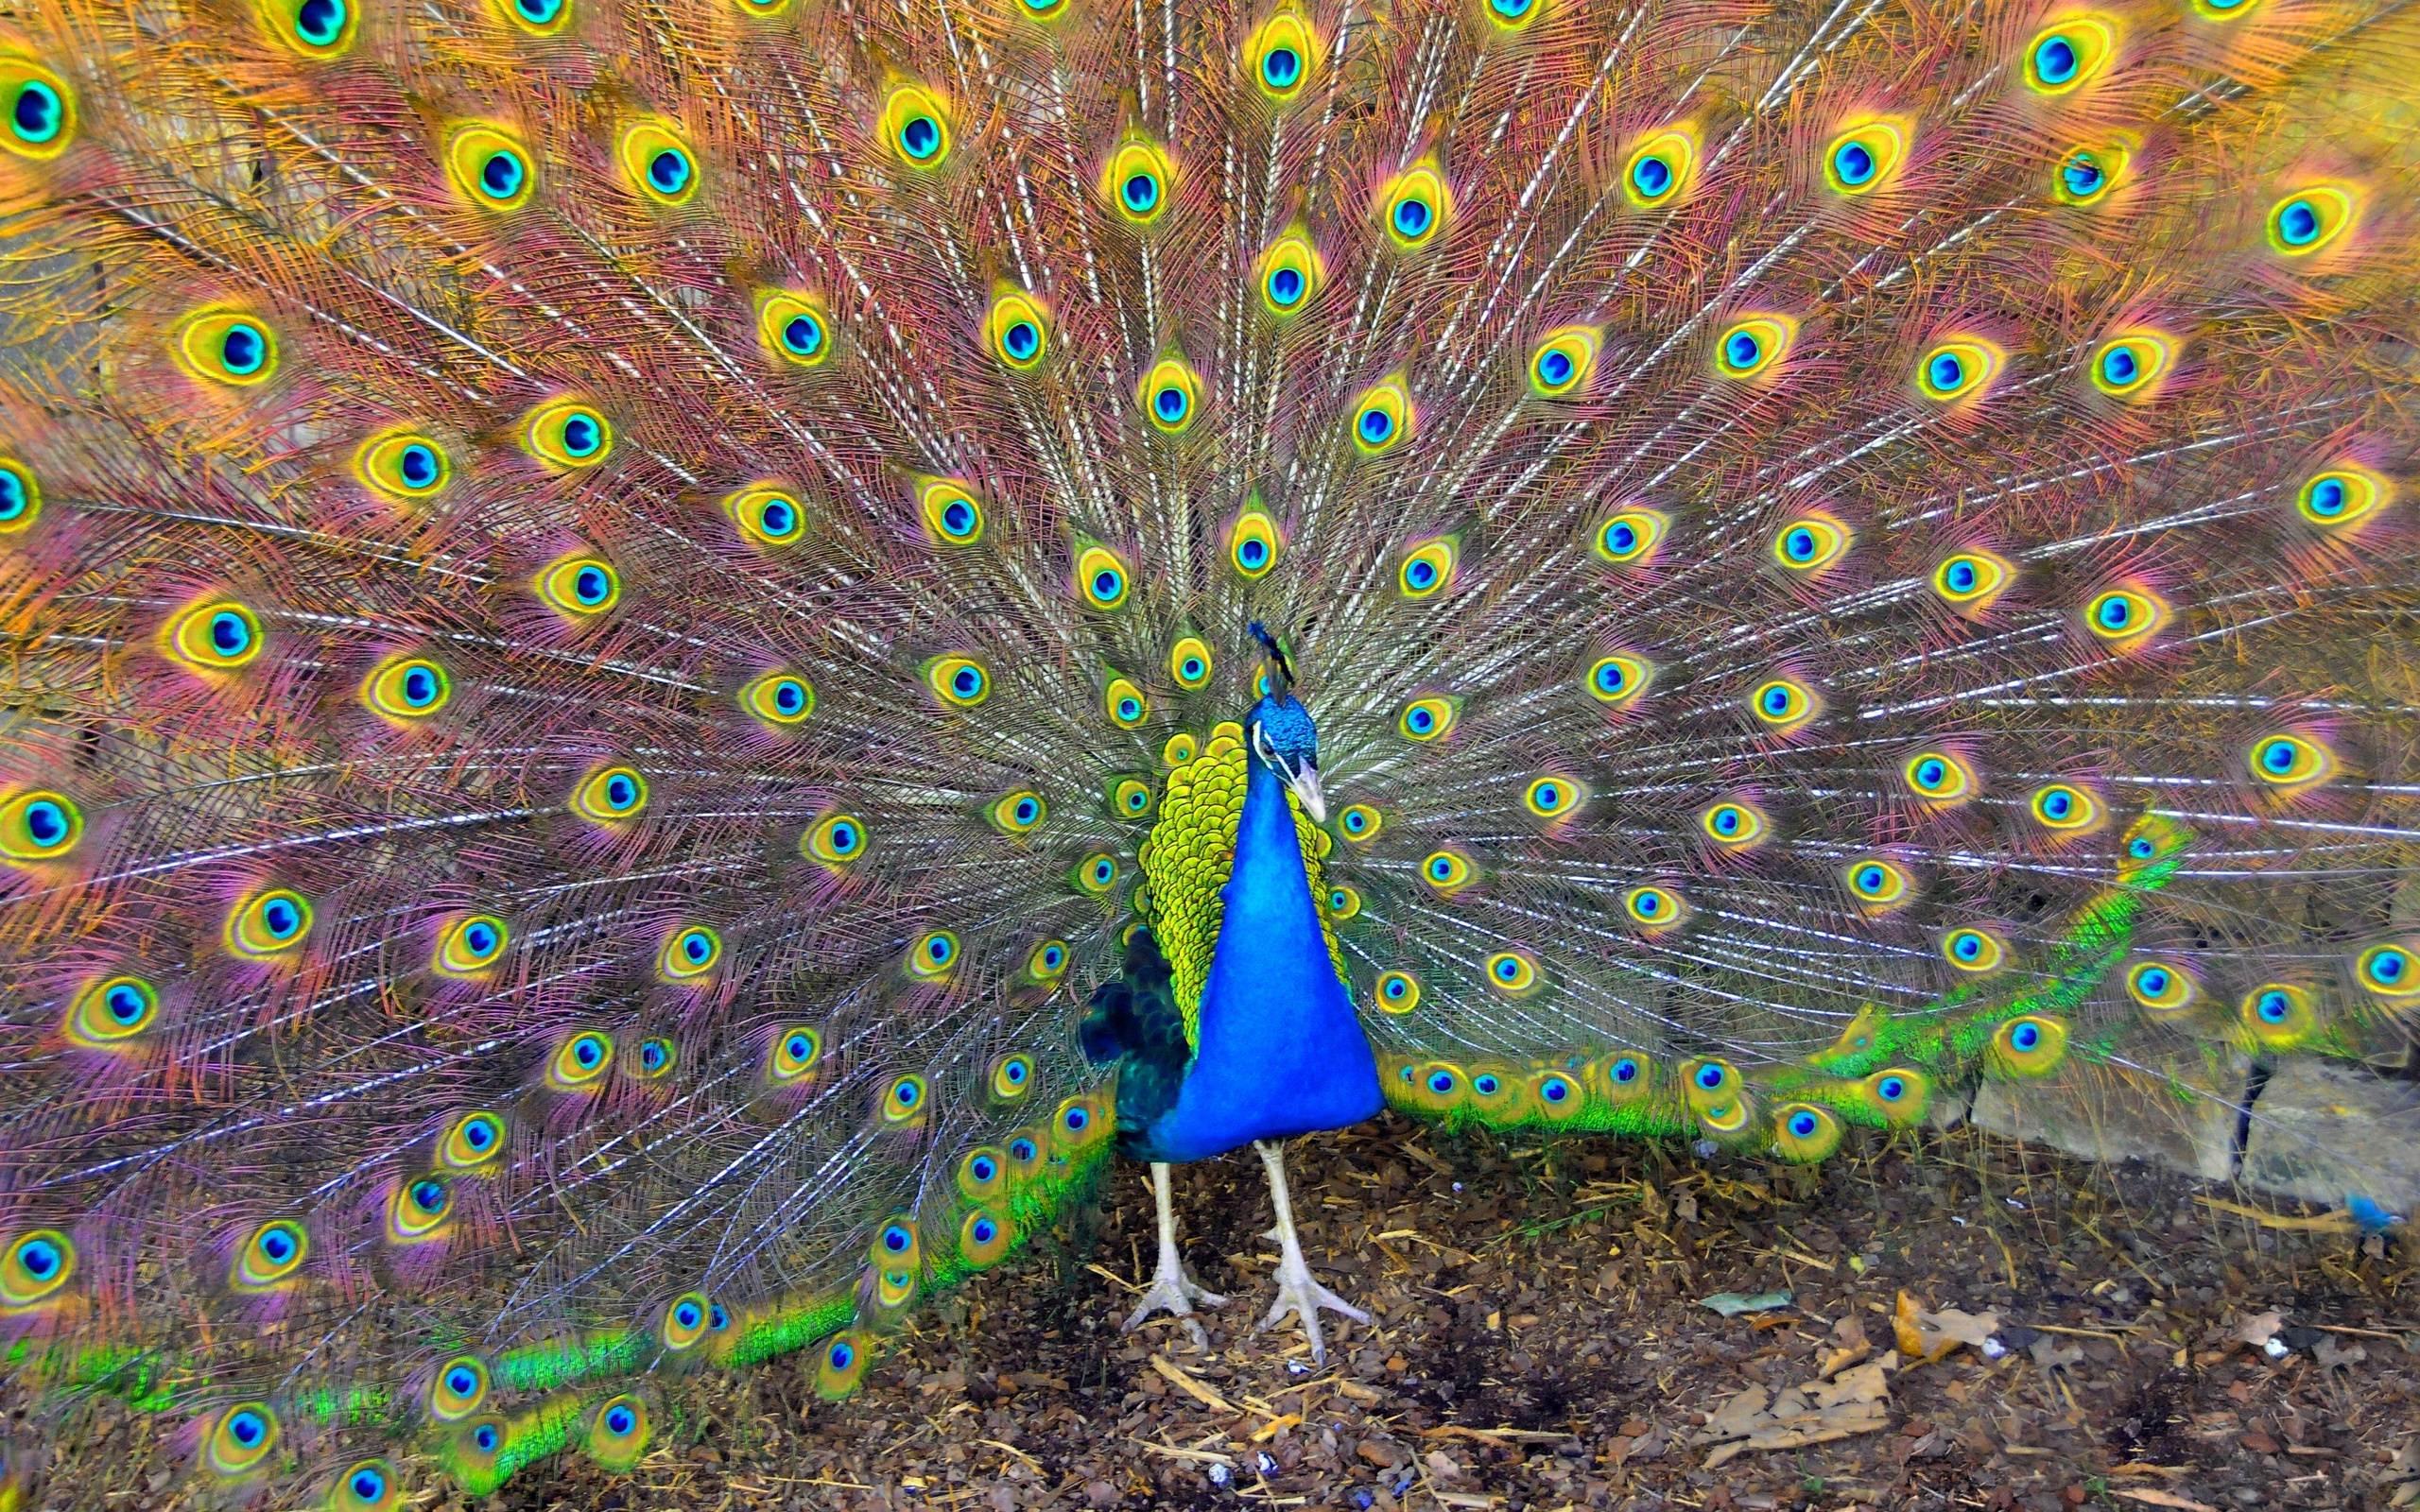 Концы хвостовых перьев украшают узоры в виде глаза